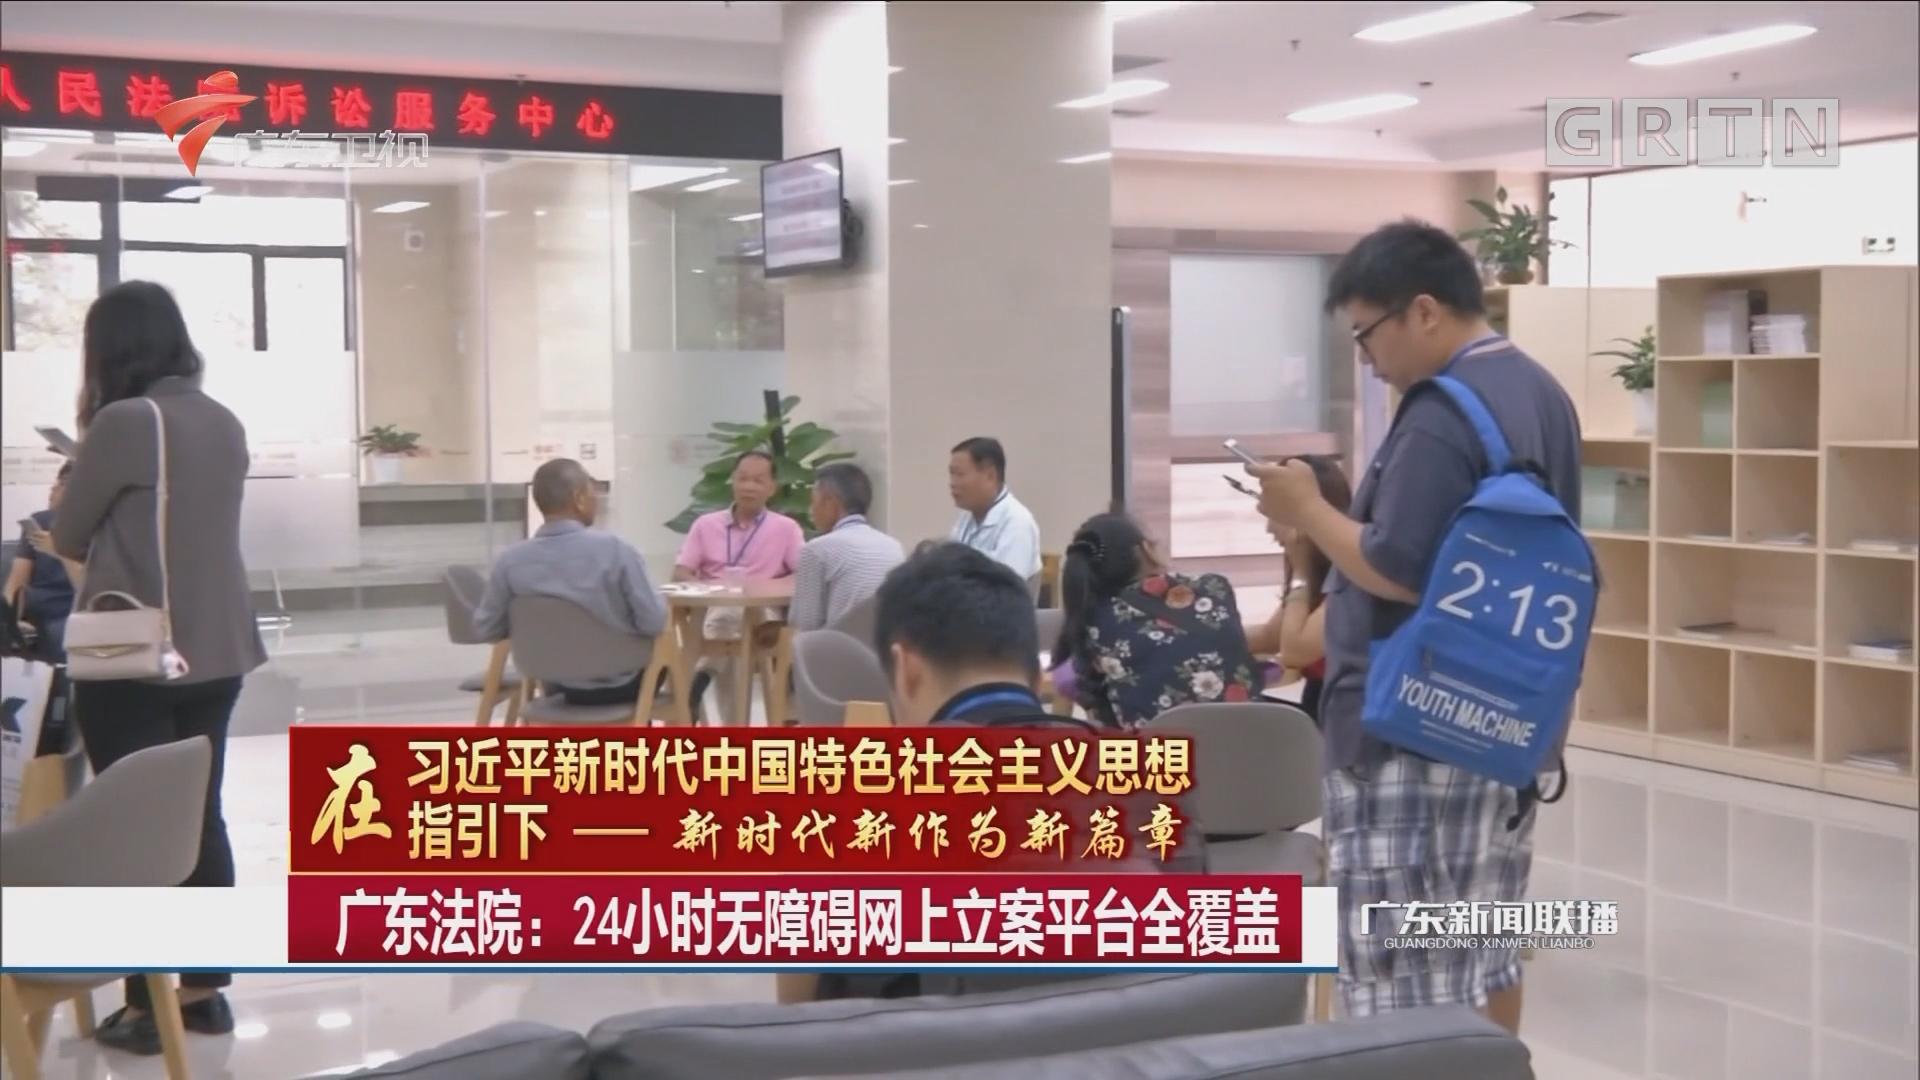 广东法院:24小时无障碍网上立案平台全覆盖